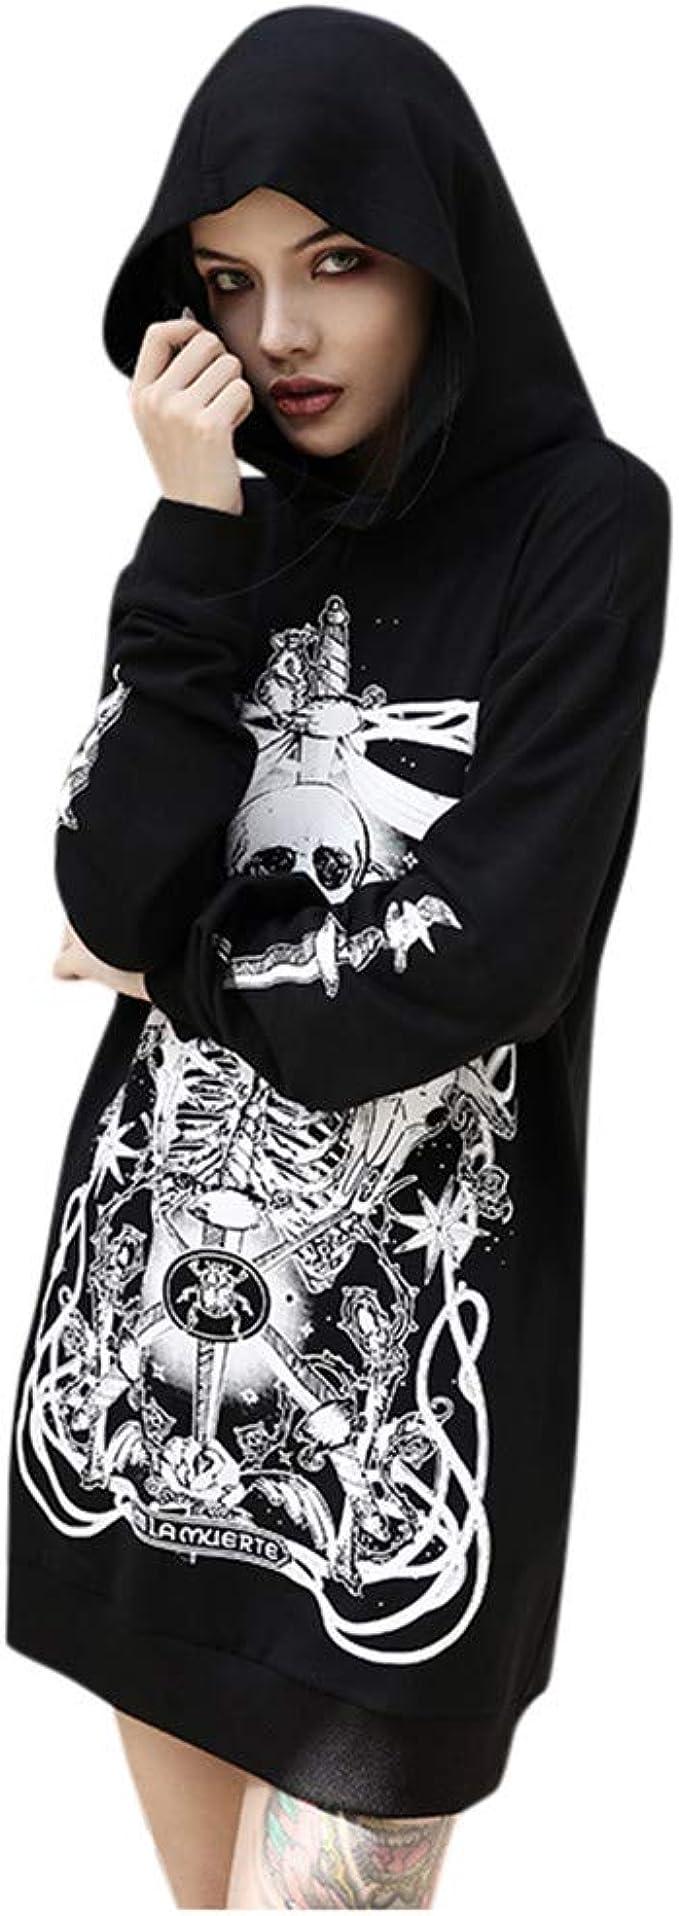 Gothique Femme Punk Noir Squelette Crâne Sweat à capuche Hoodies Veste Manteau Cosplay